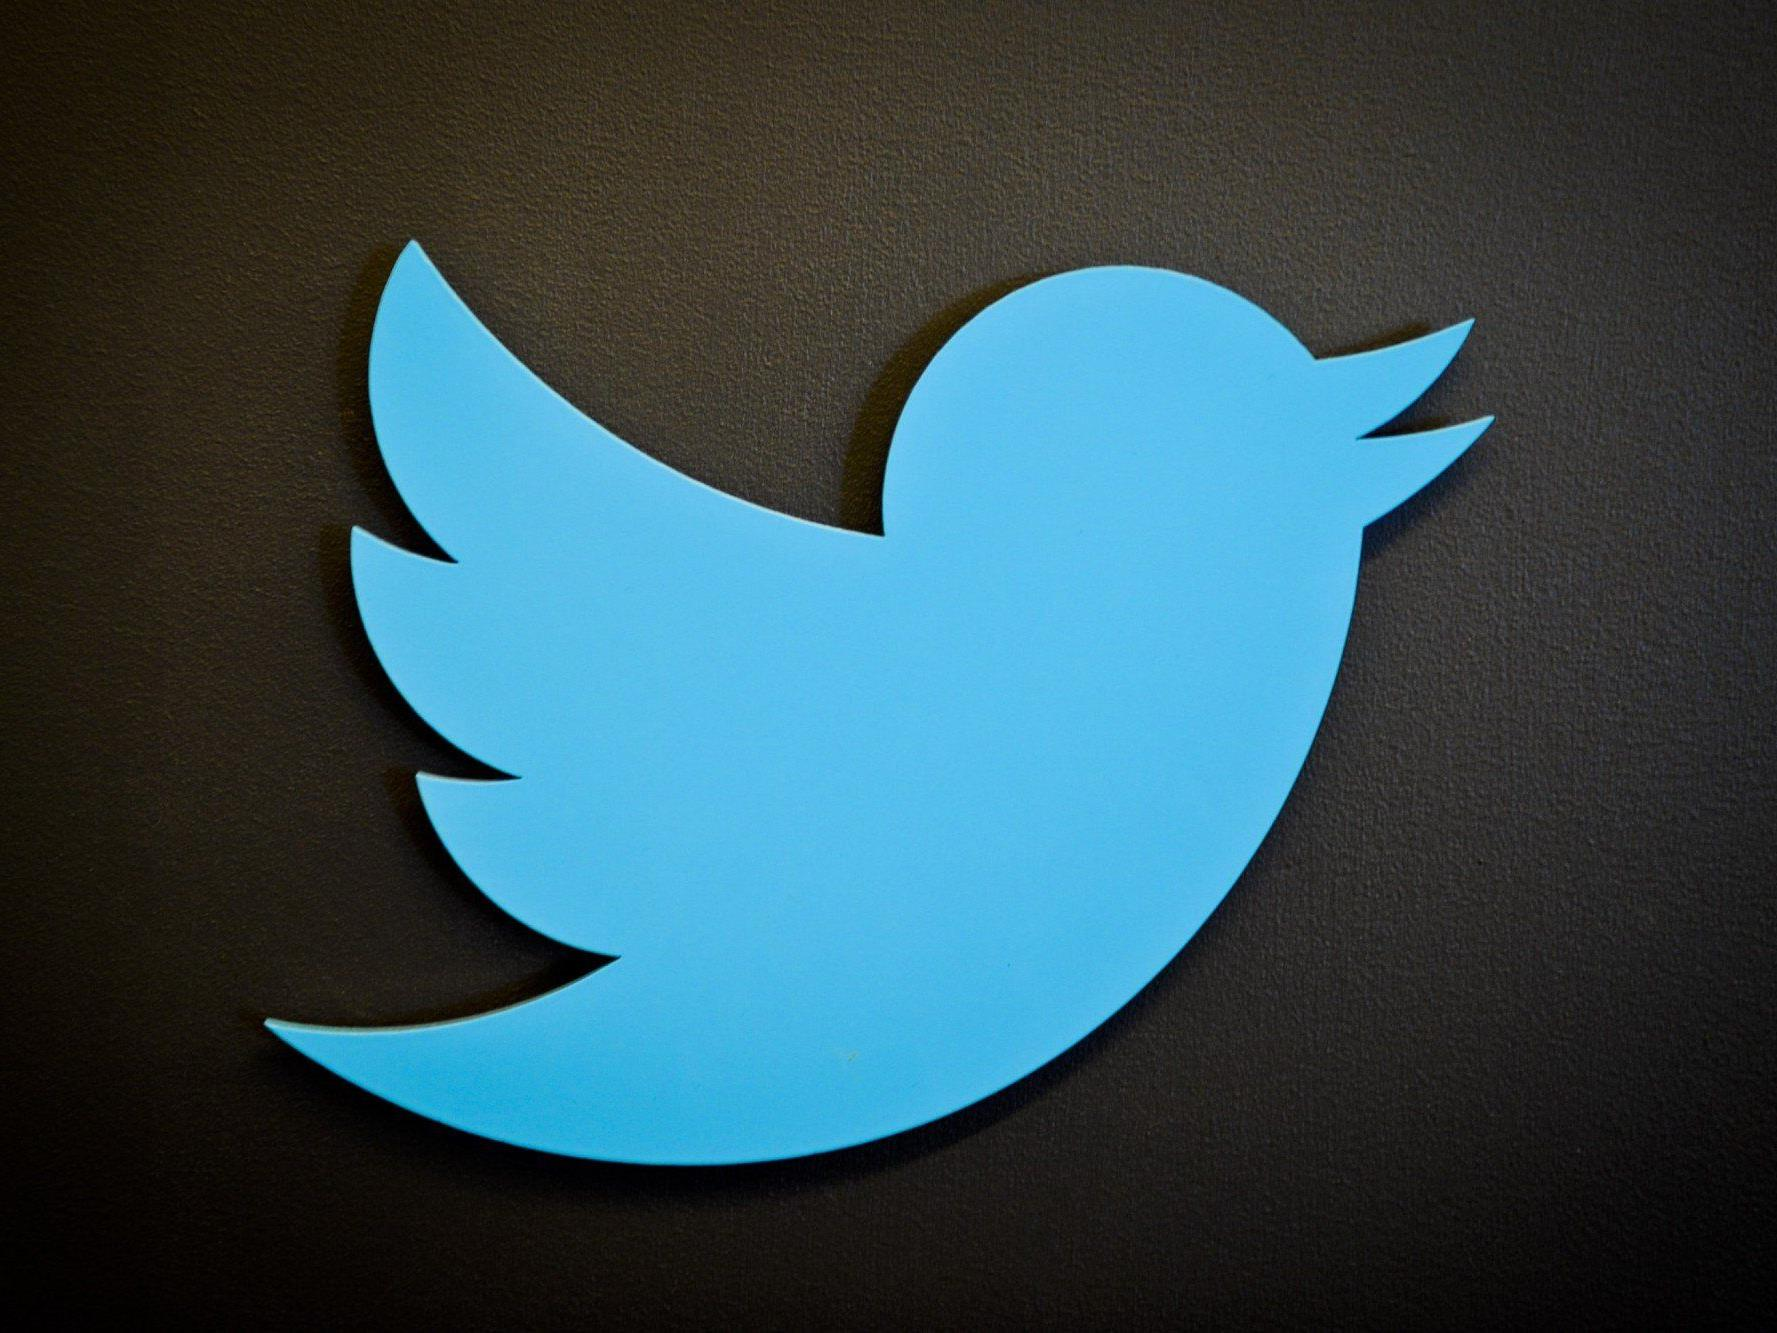 Österreichischer Twitter-Nutzer Firo Xl entdeckt Sicherheitslücke bei Tweetdeck - Client von Twitter blockiert.